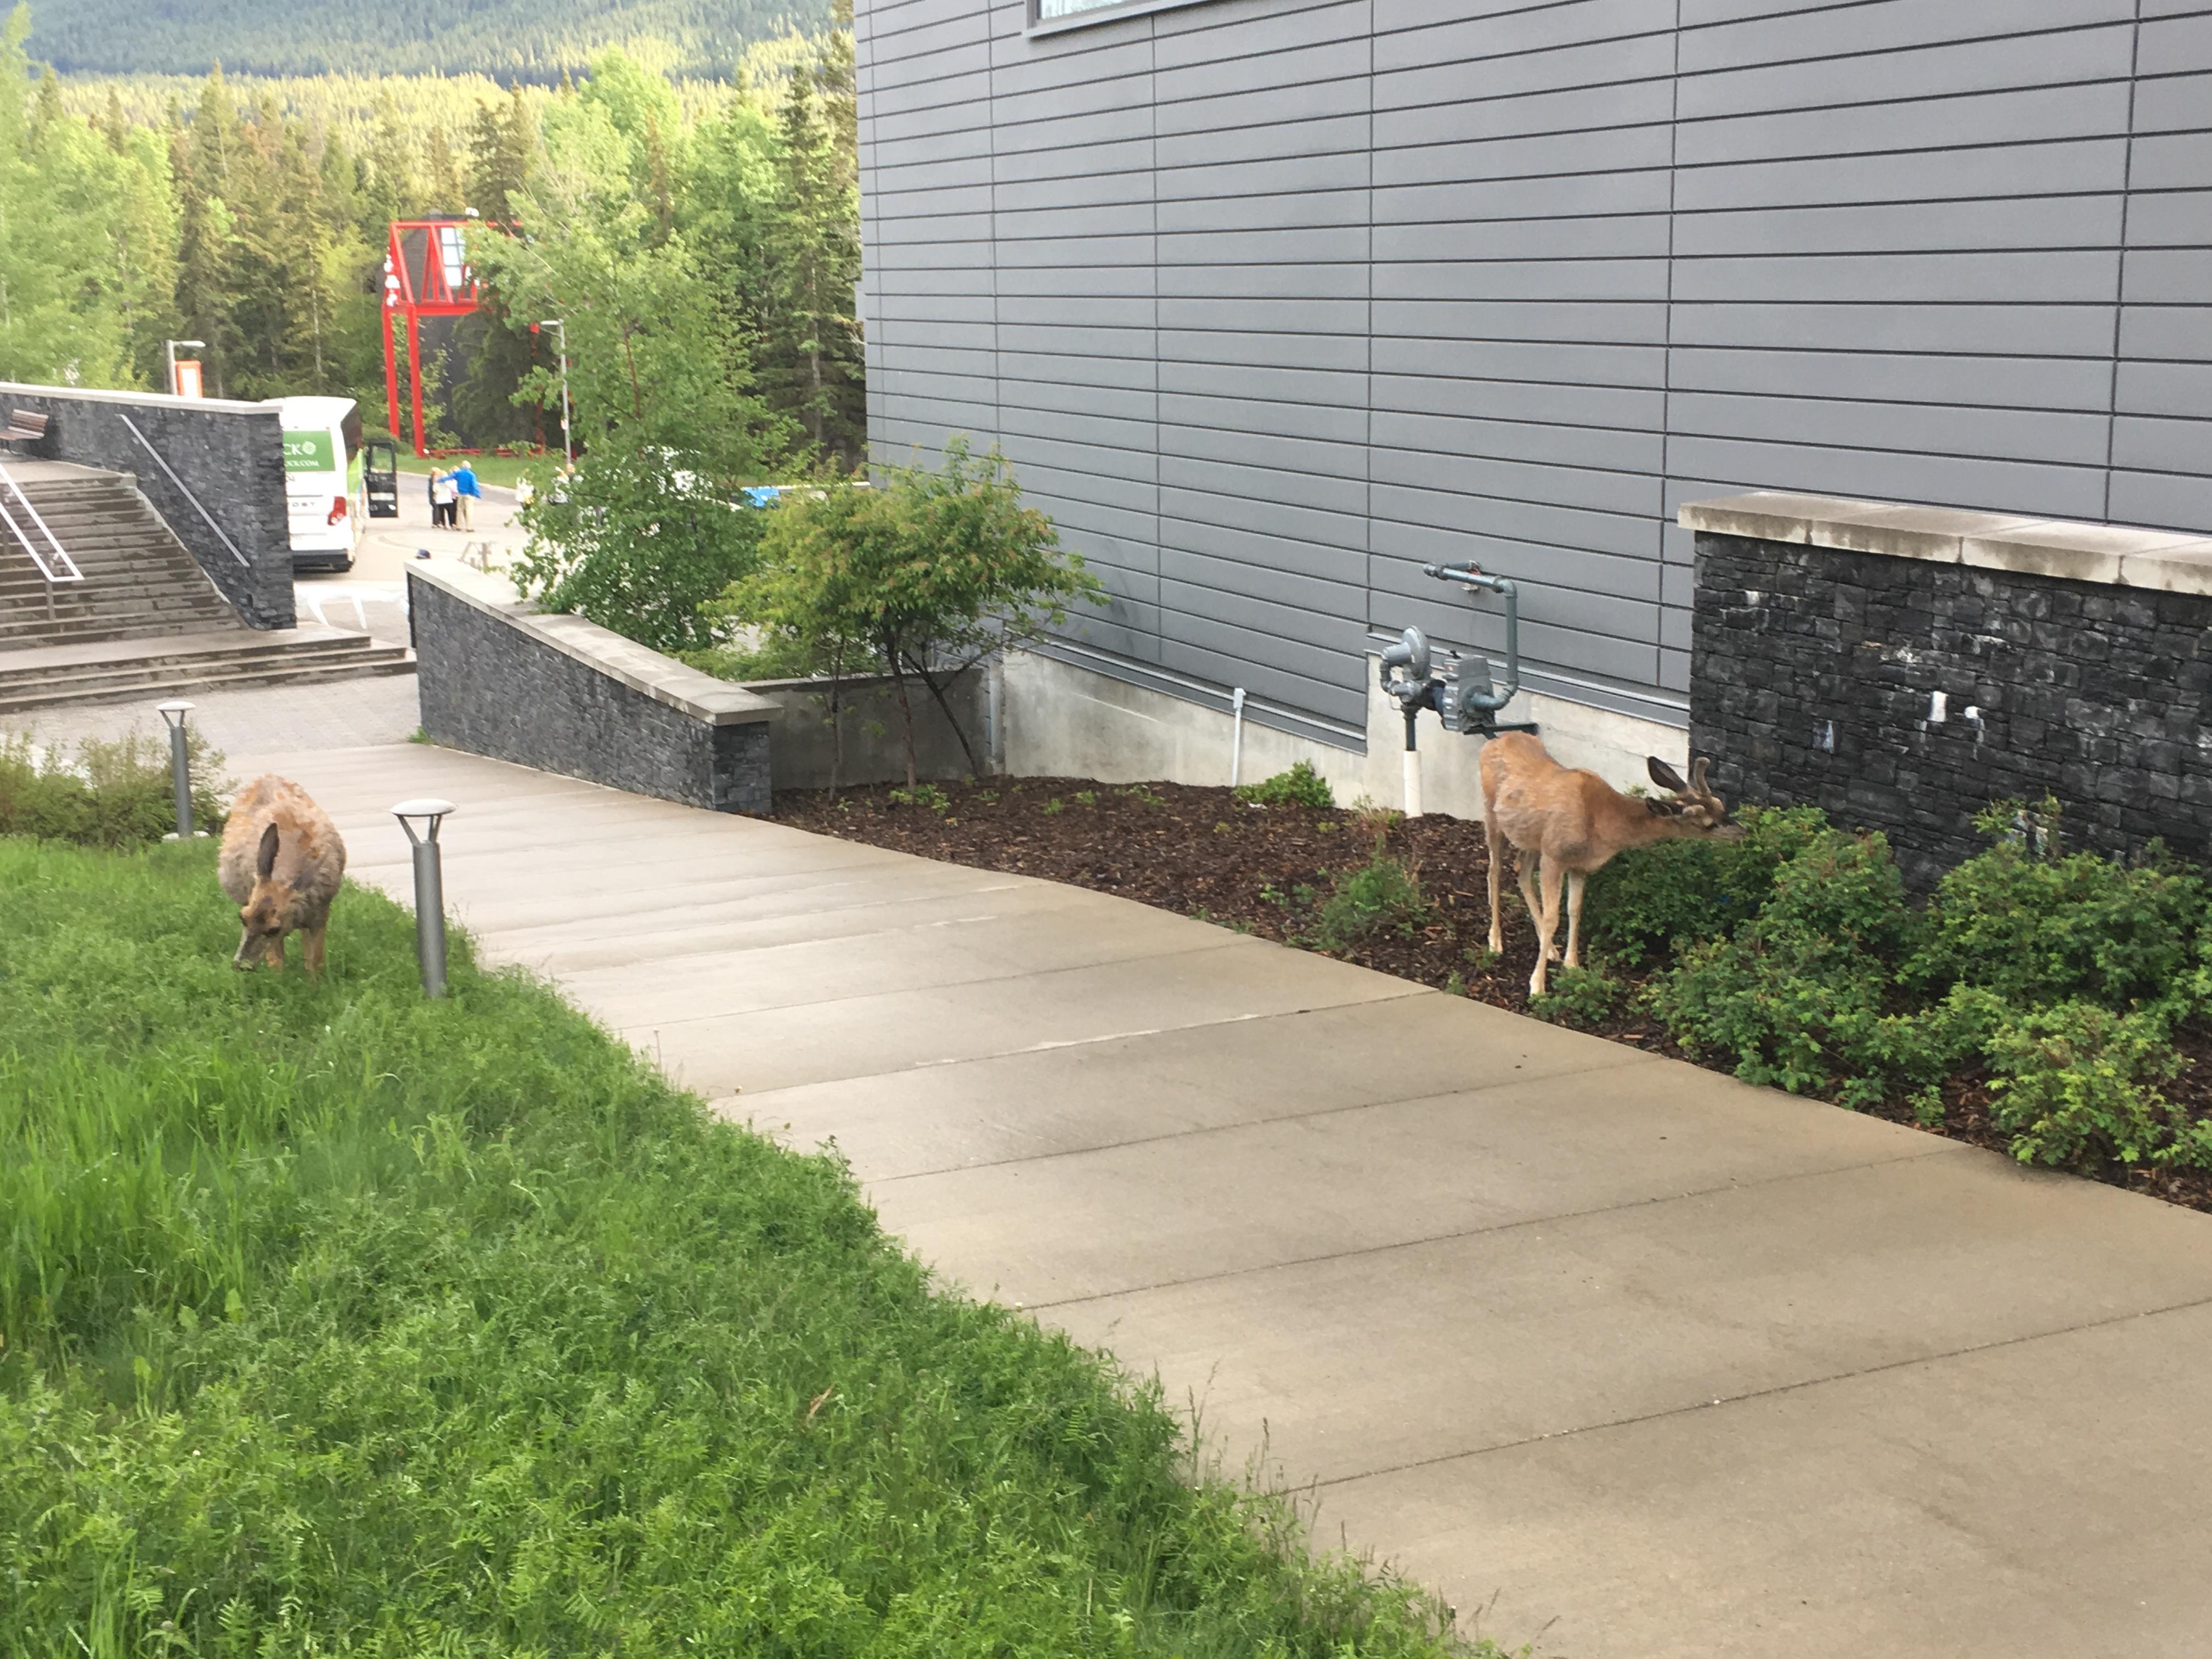 A dichotomy of deer.